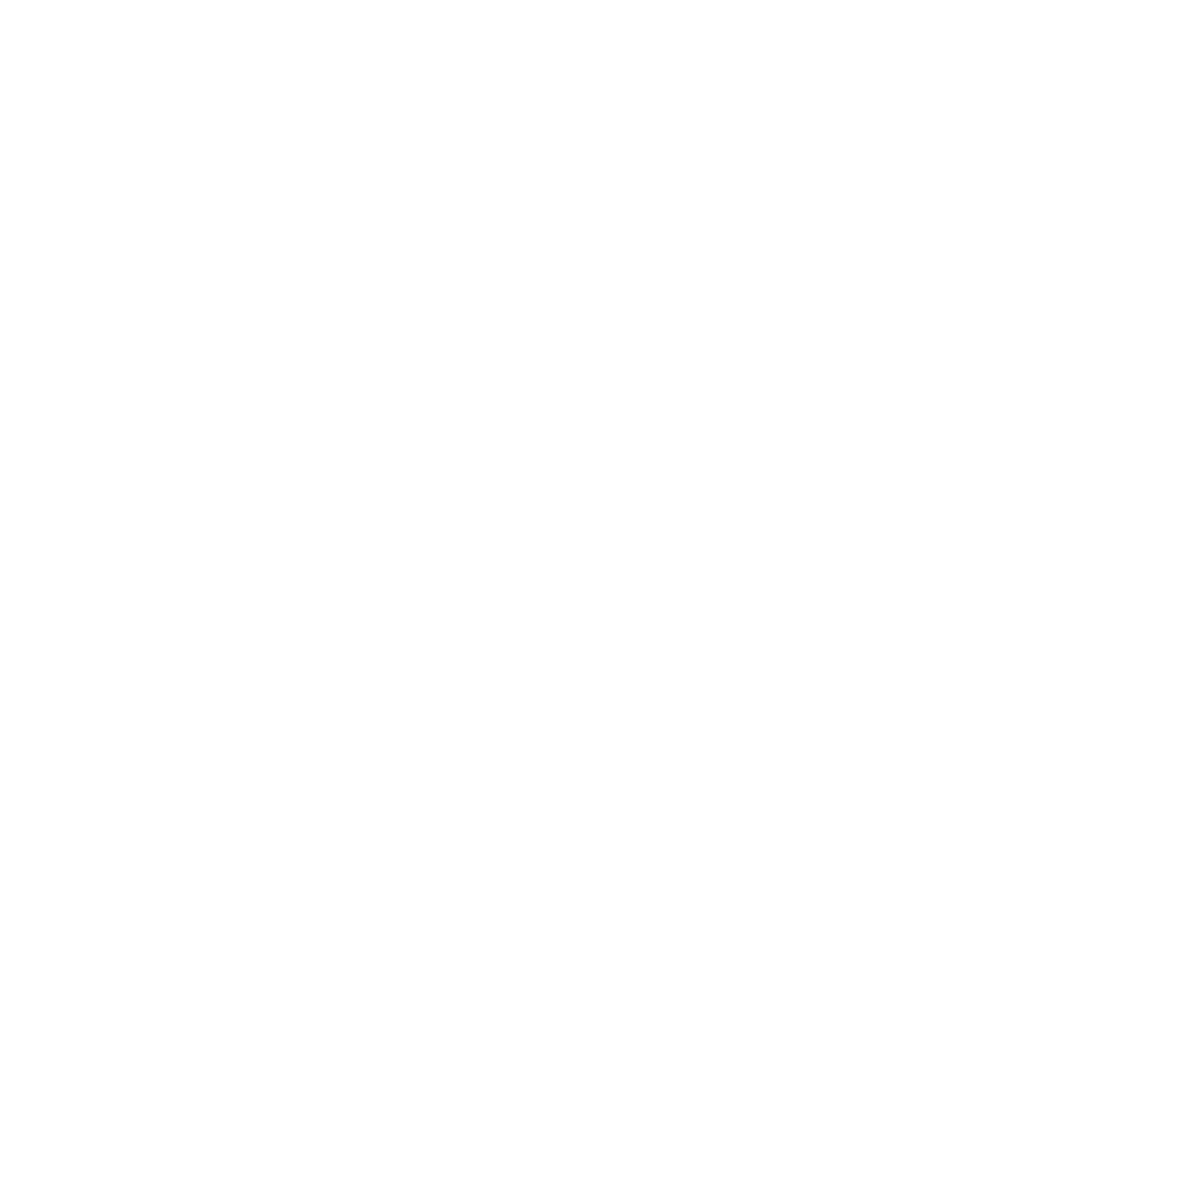 Wildturtle xchocobars dating xChocoBars bio: